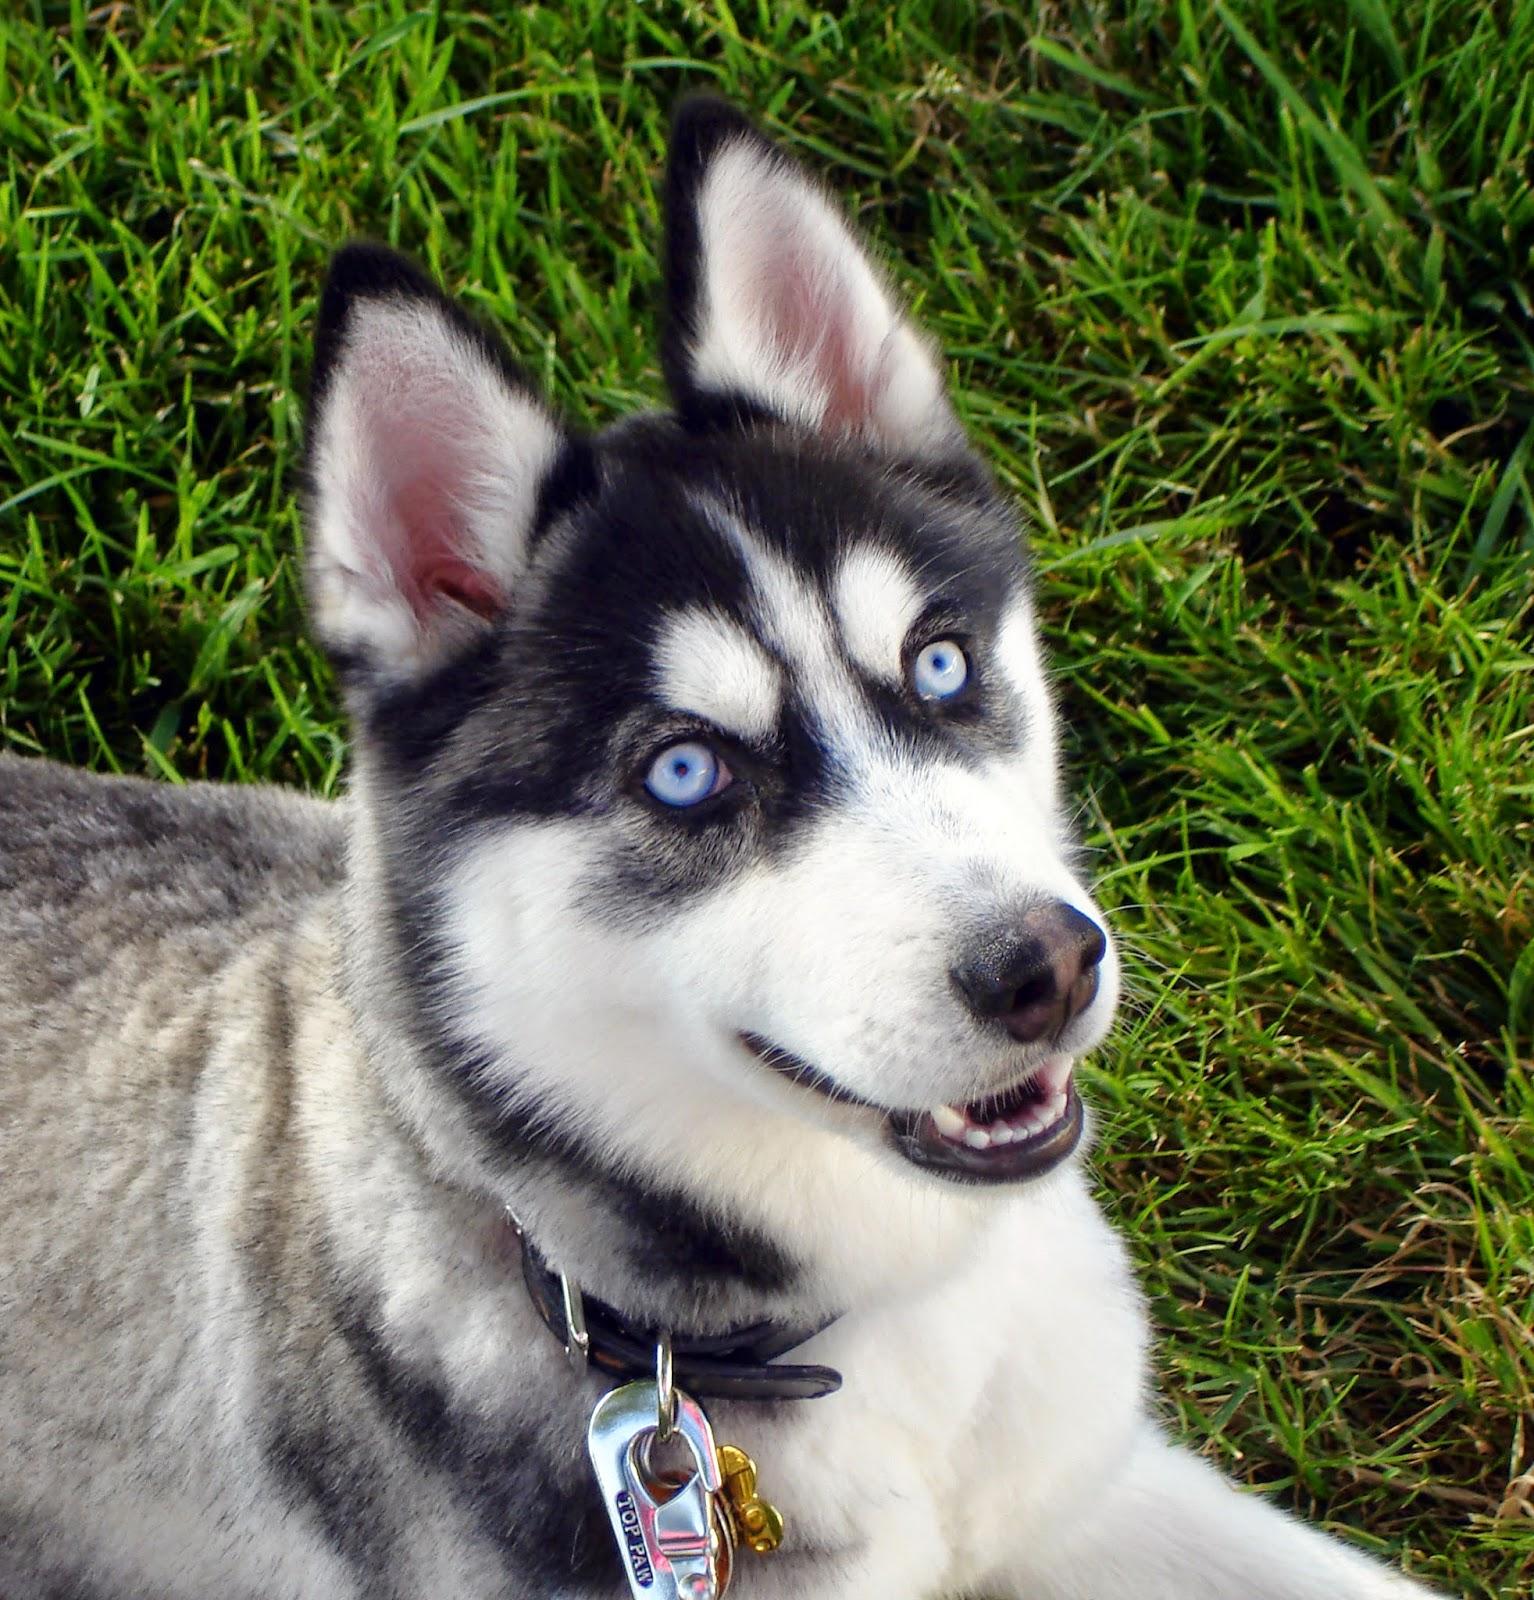 Blue eyed dog breeds - photo#2